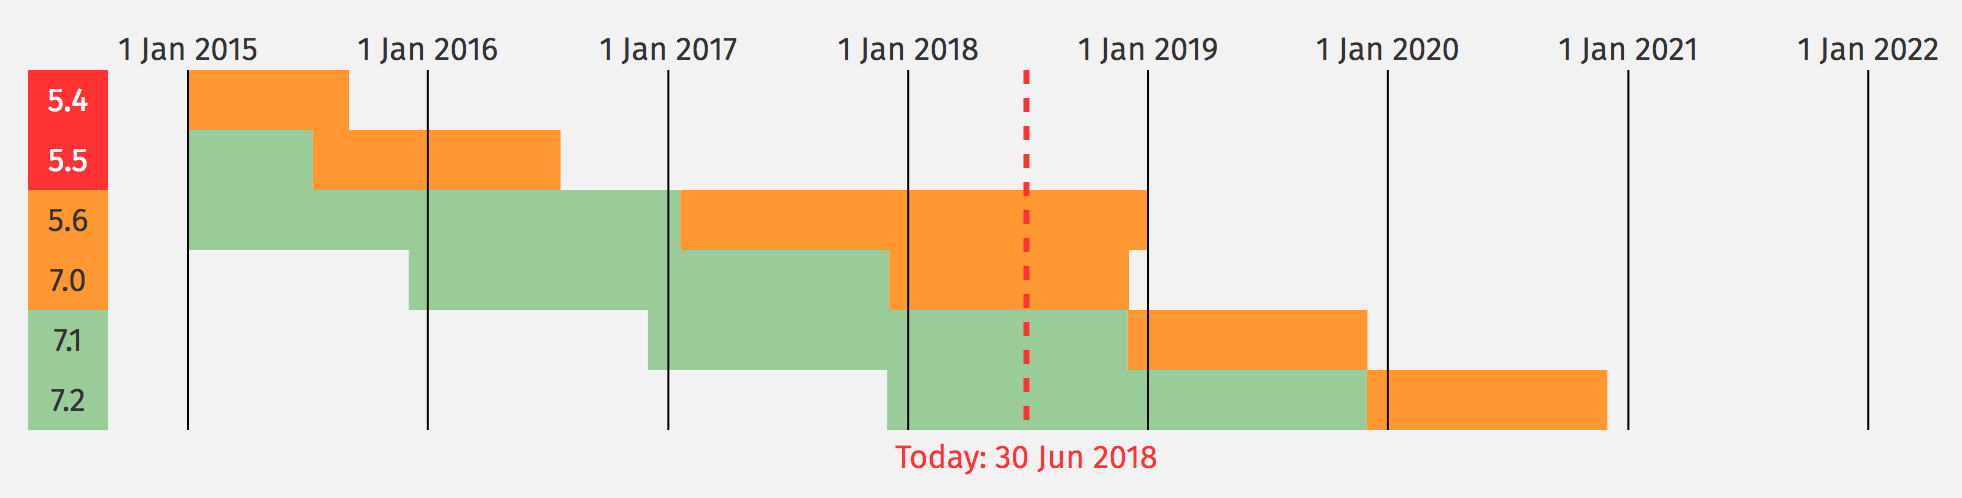 Wspierane wersje PHP na dzień 30.06.2018.